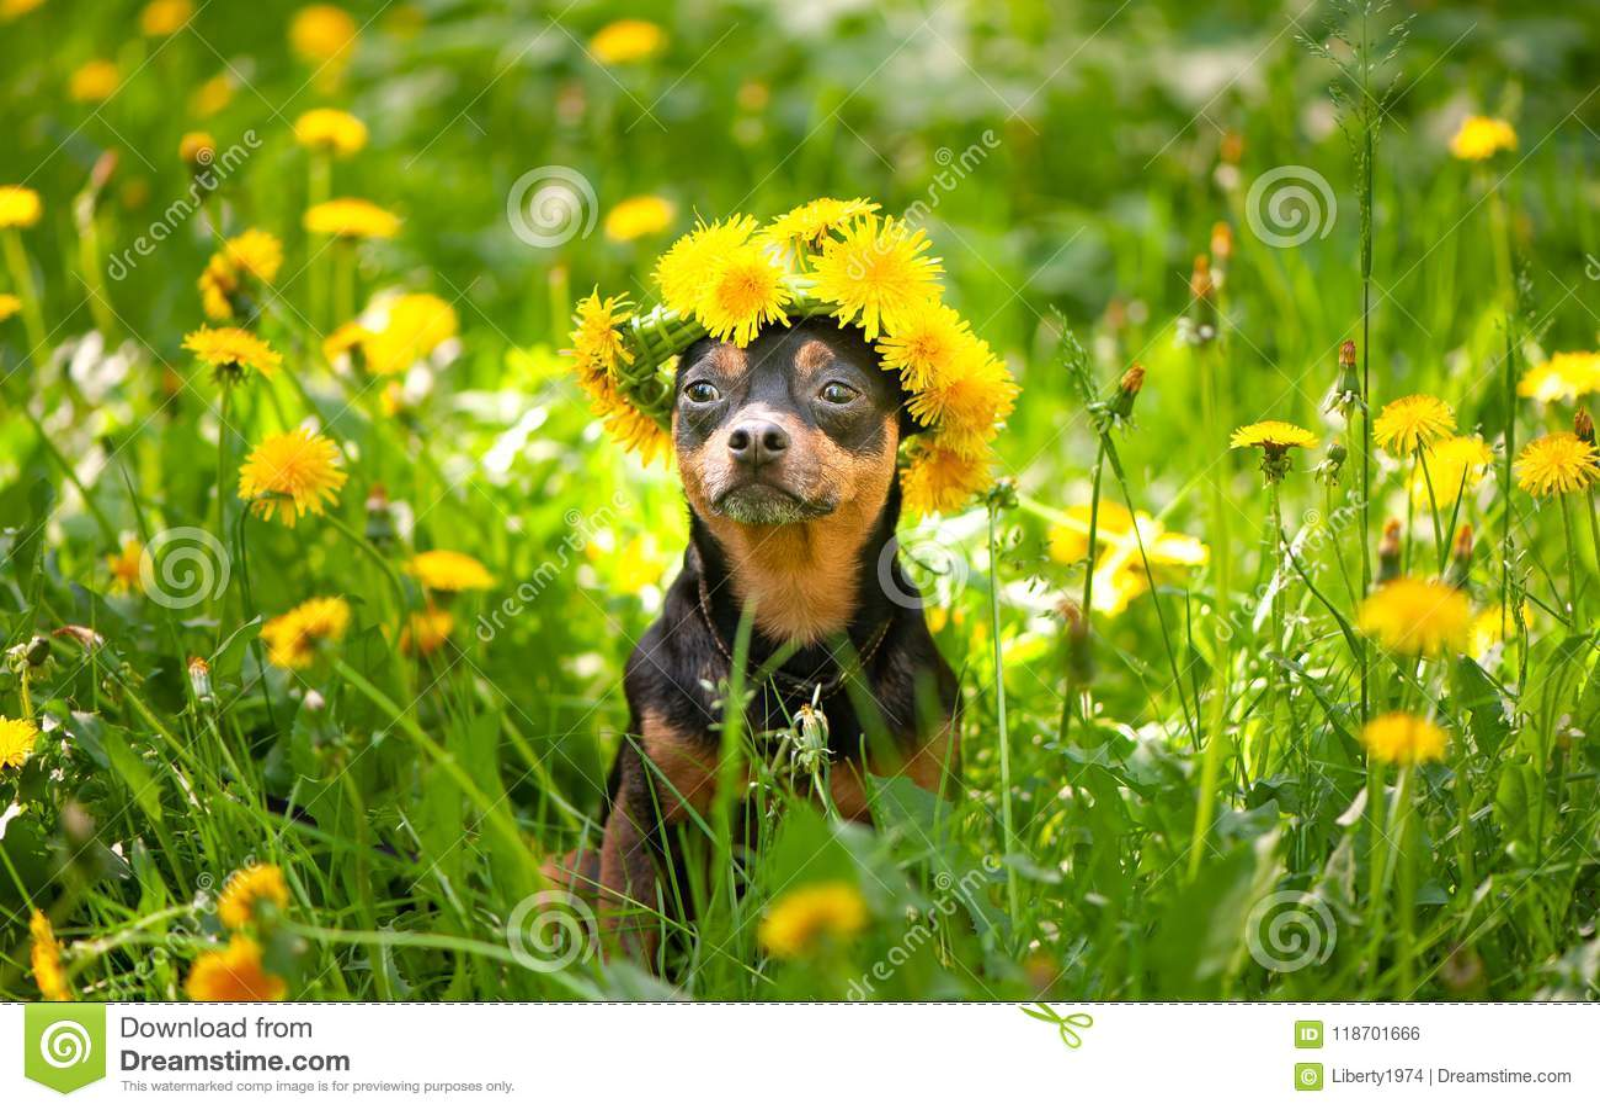 O cachorrinho do ute do ¡ de Ð, um cão em uma grinalda da mola floresce em uma florescência